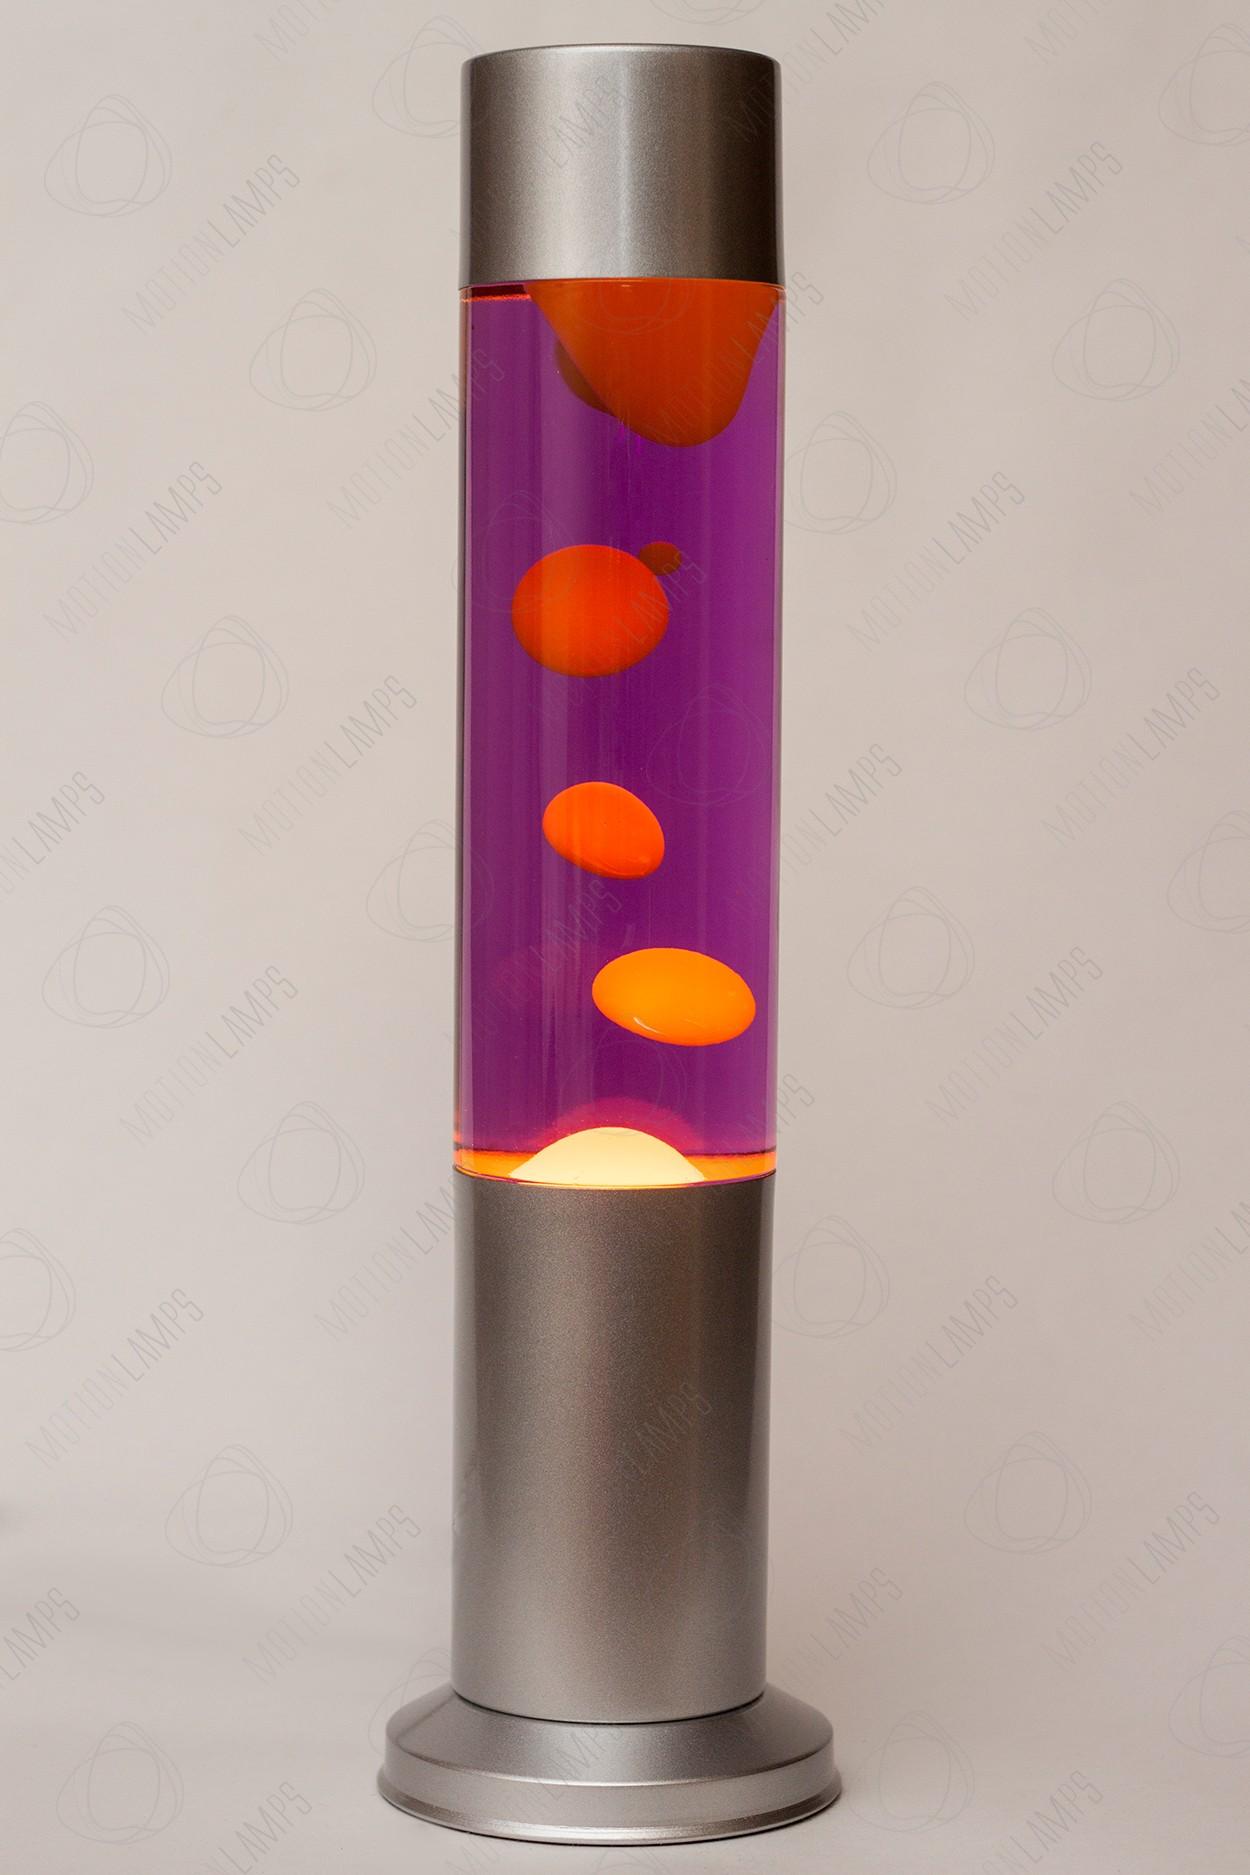 Лава-лампа 38см CL Оранжевая/Фиолетовая (Воск)